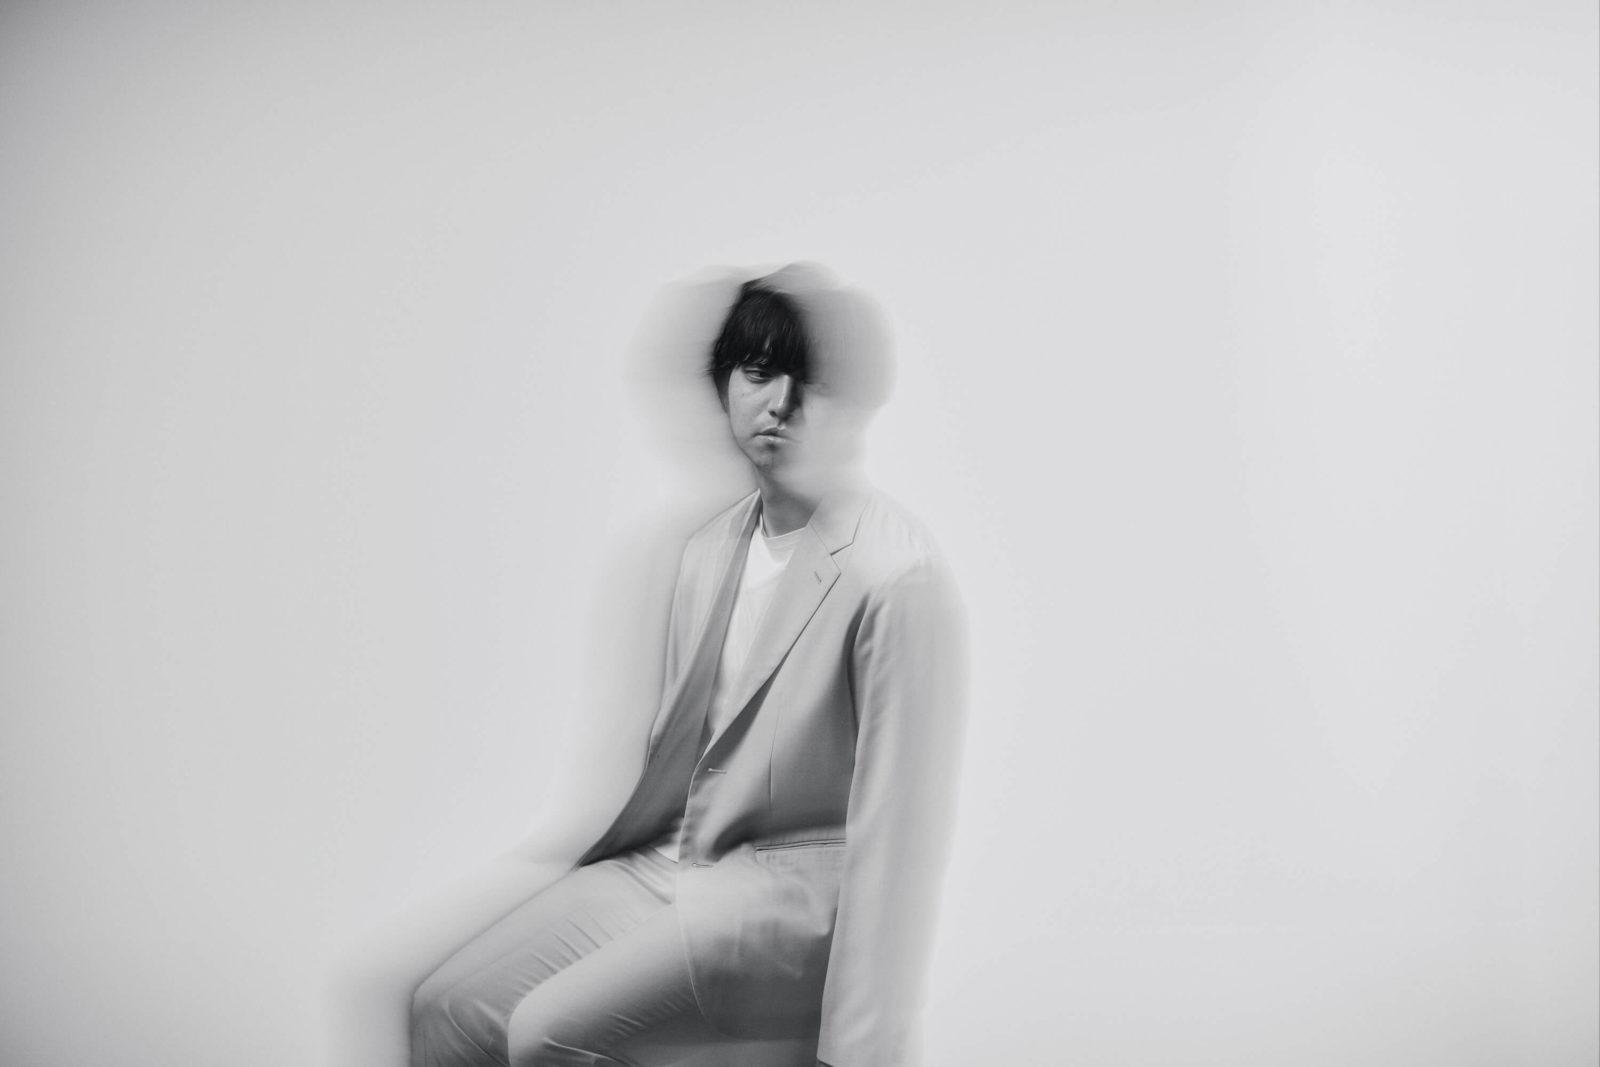 三浦大知、ニューアルバムの発売延期を発表サムネイル画像